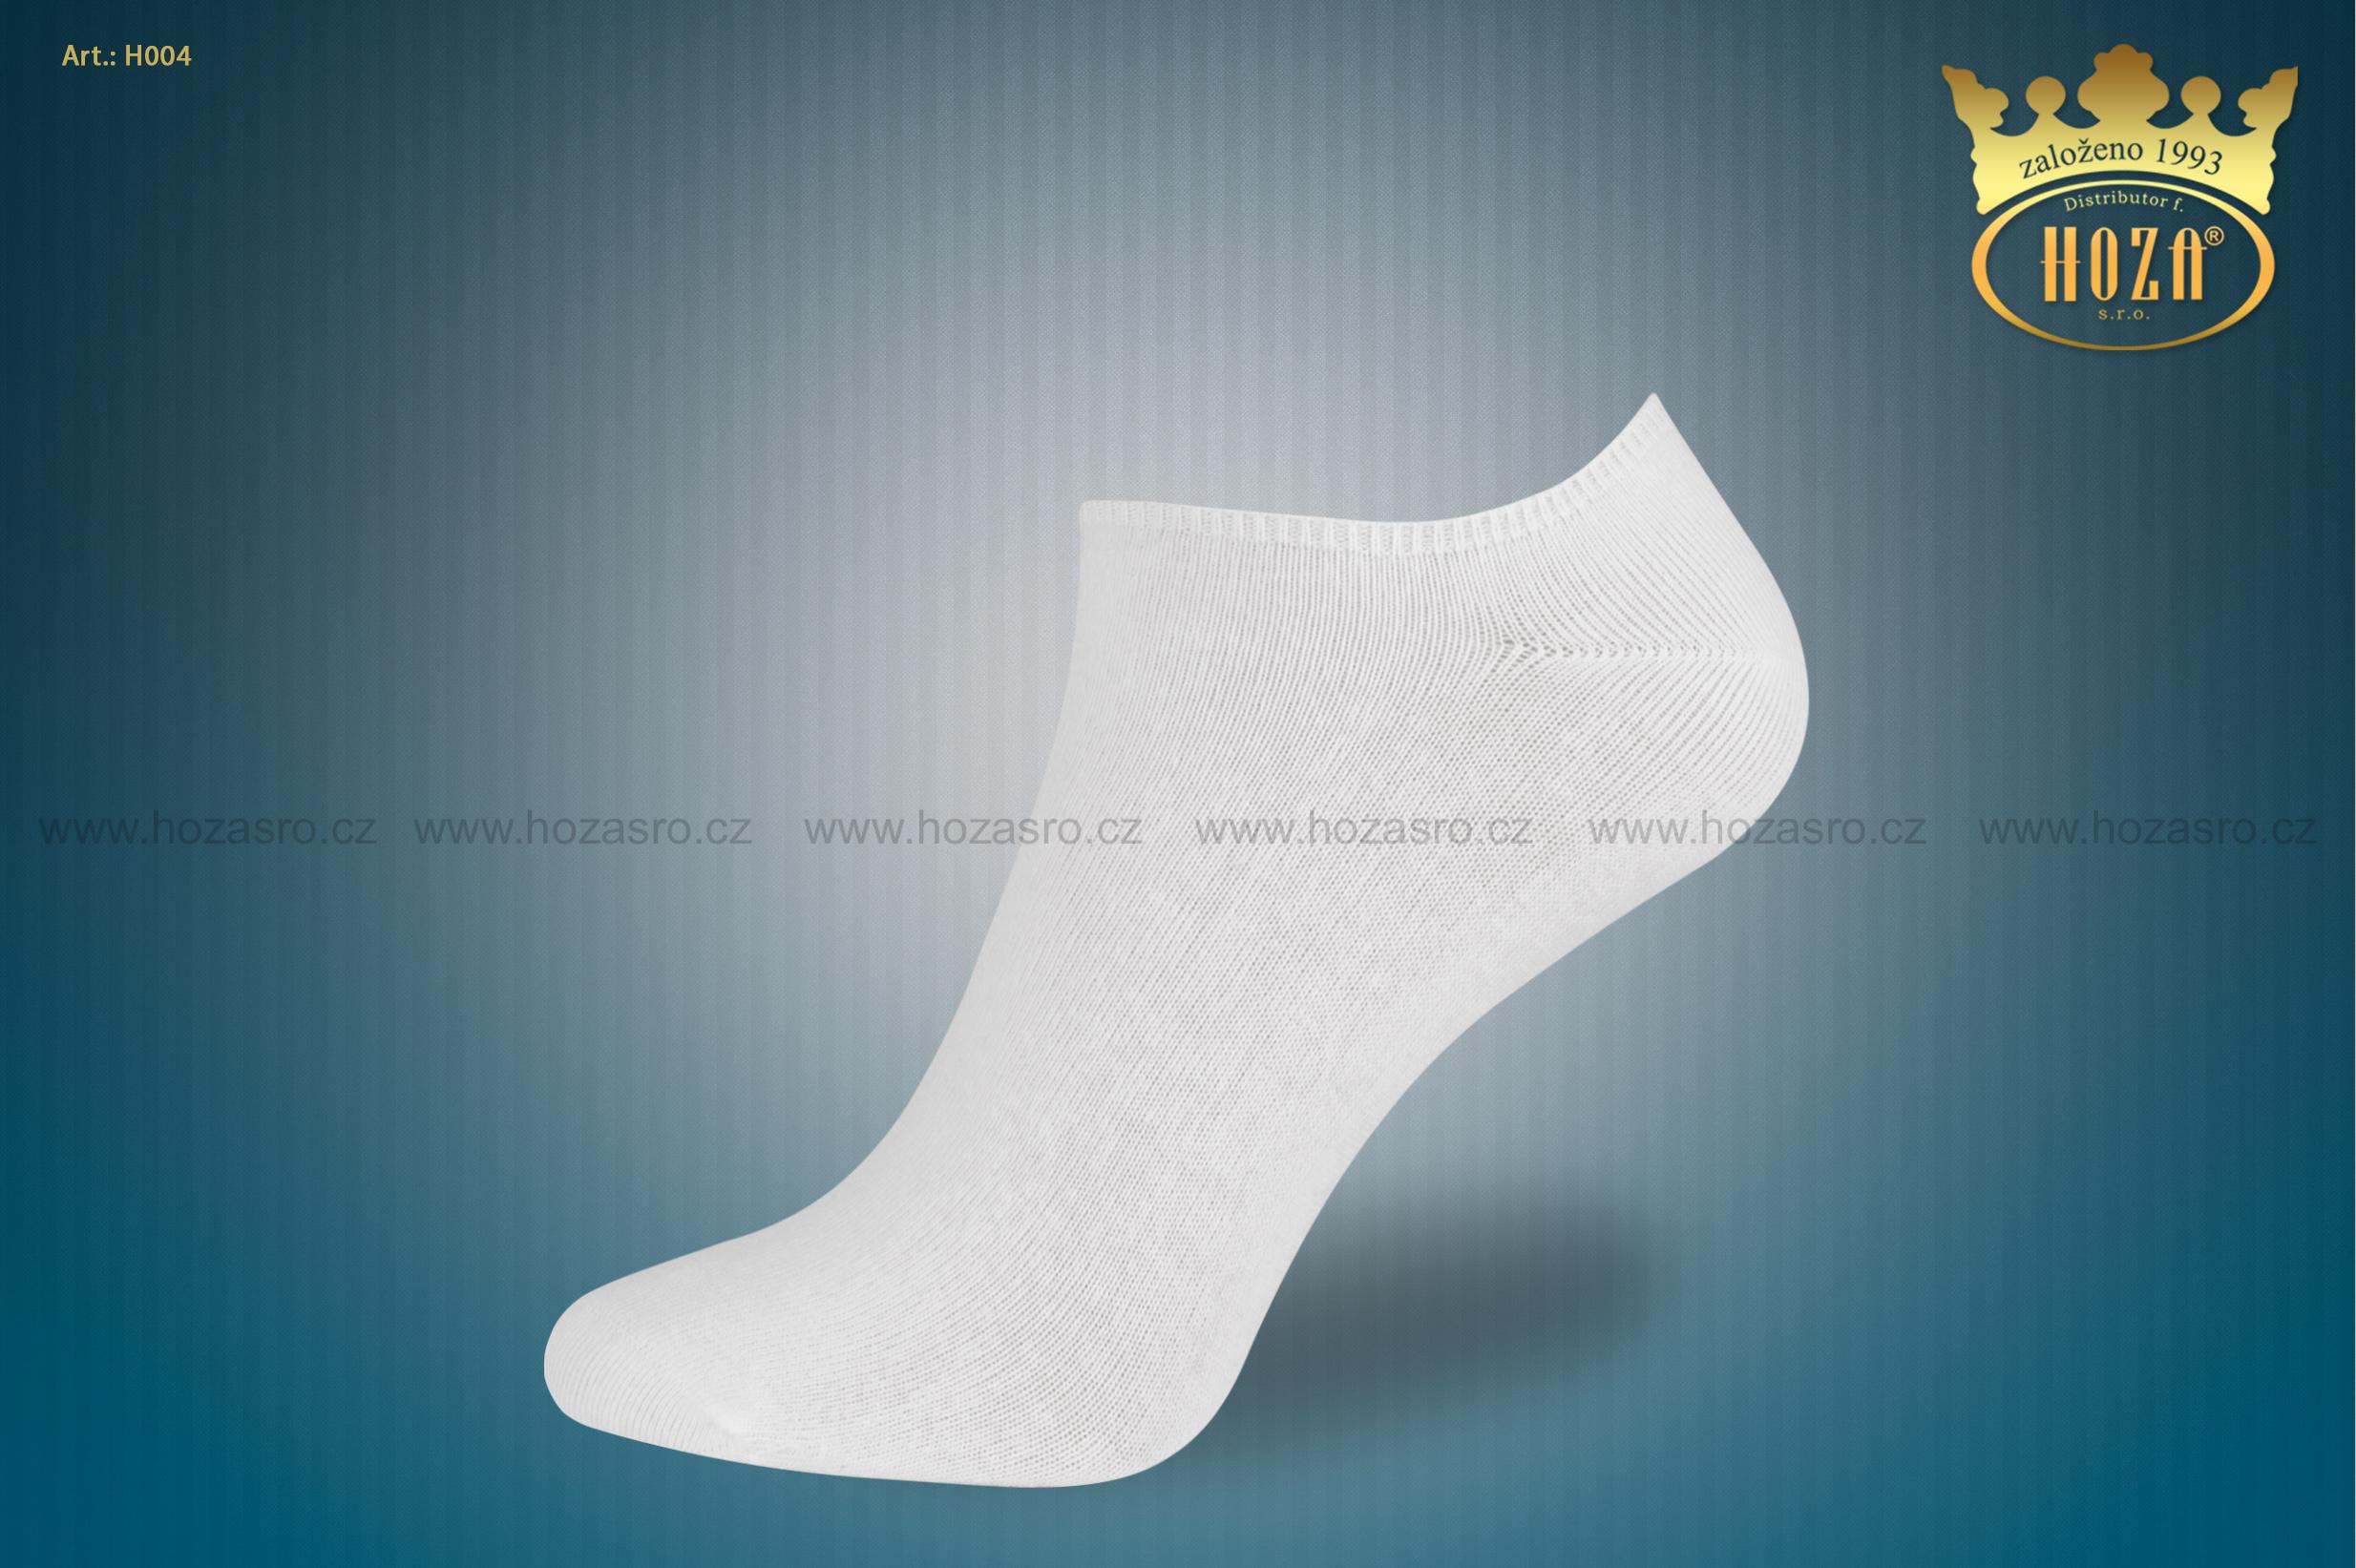 c7b101fddec ... kotníkové ponožky HOZA s elastanem - bílé. otevřít v maximálním  rozlišení